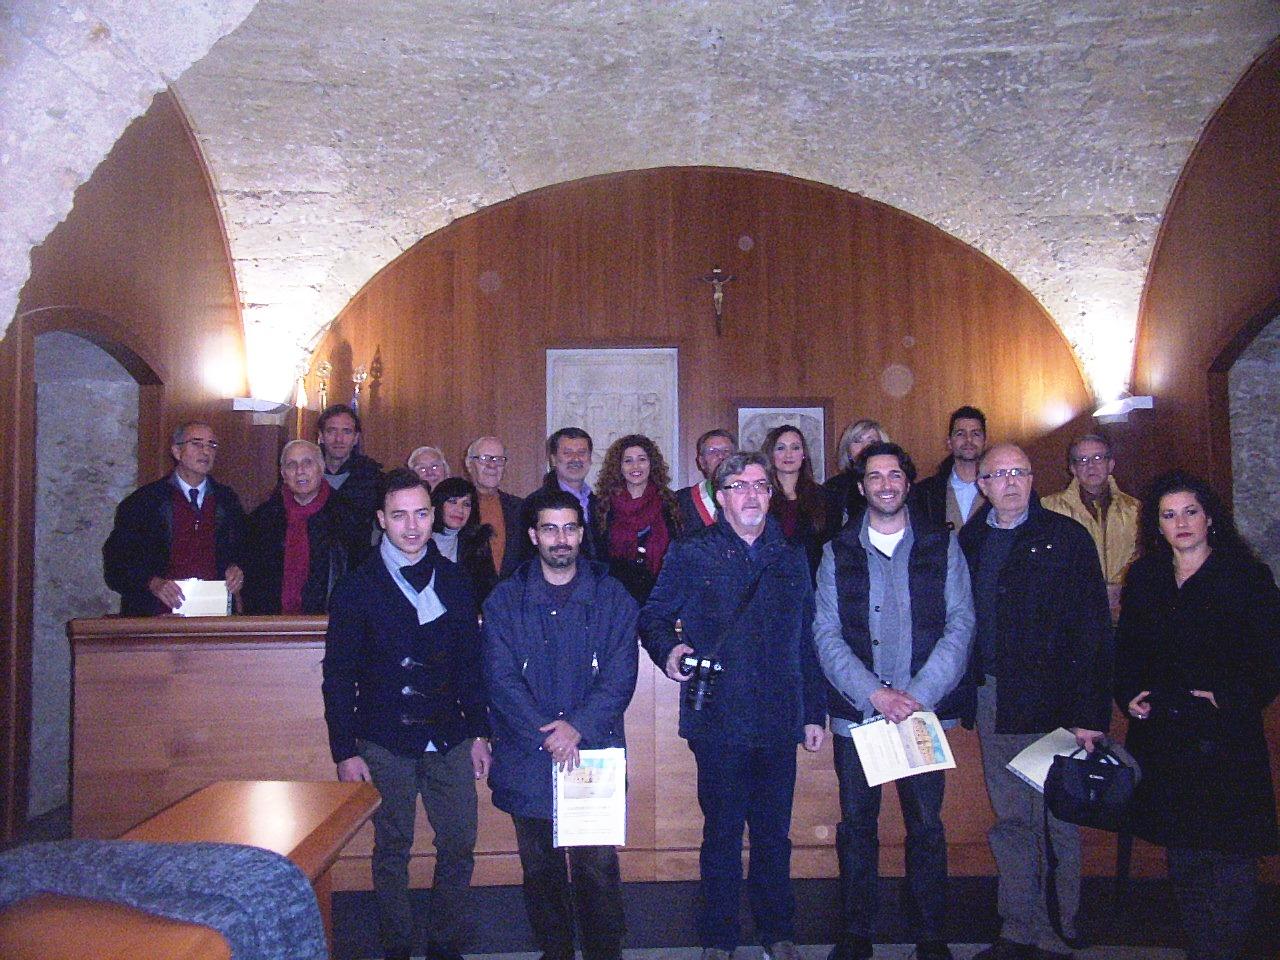 Acate. Chiude i battenti domenica 11 gennaio la collettiva di fotografia al Castello